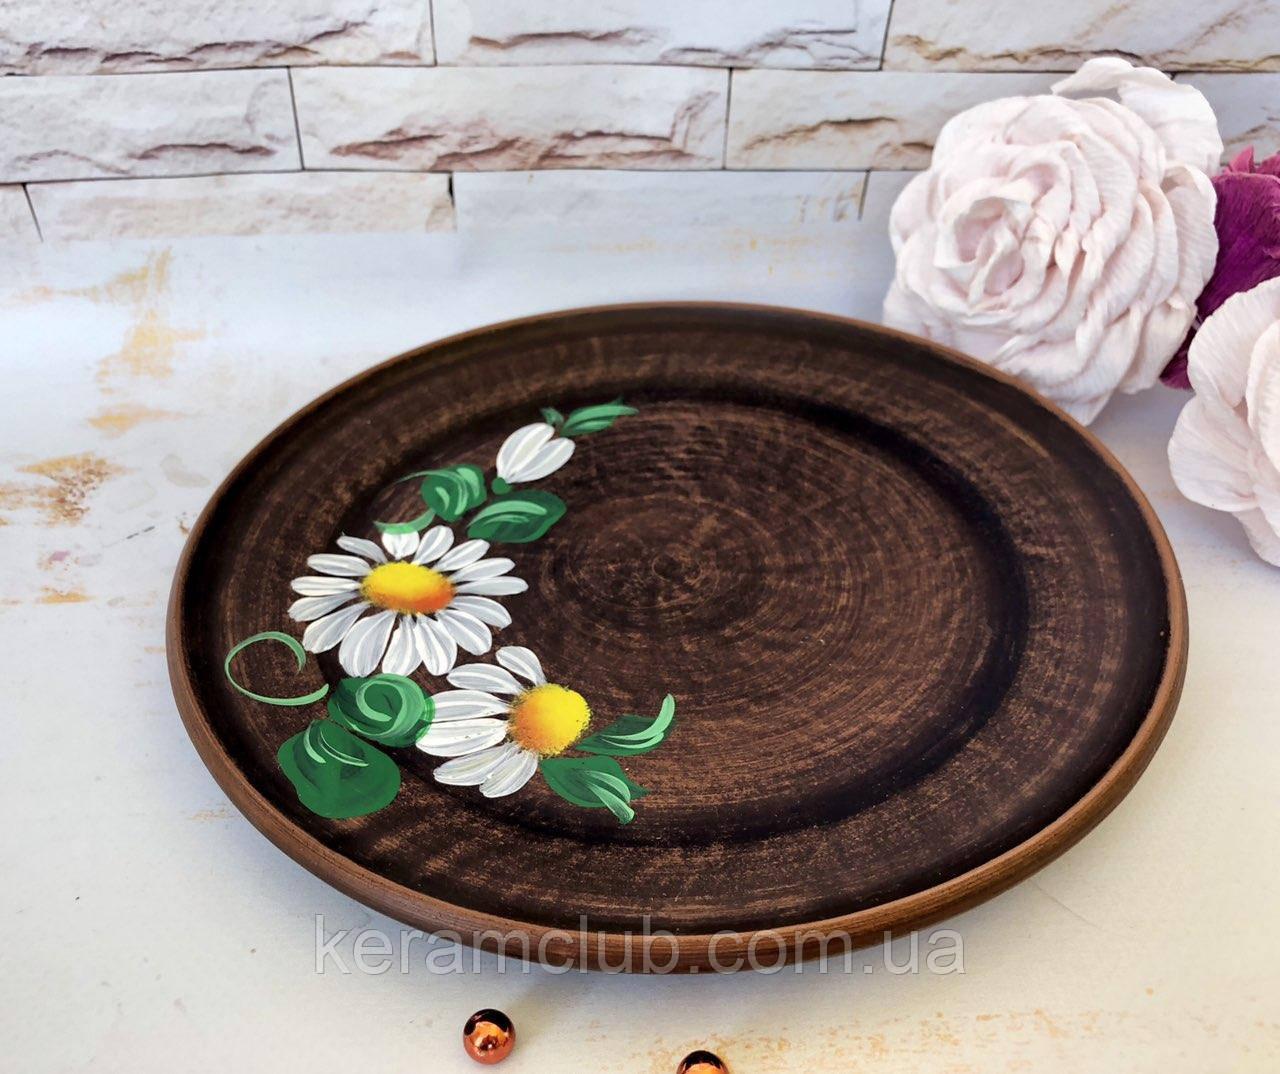 Керамическая тарелка рисованная 20 см